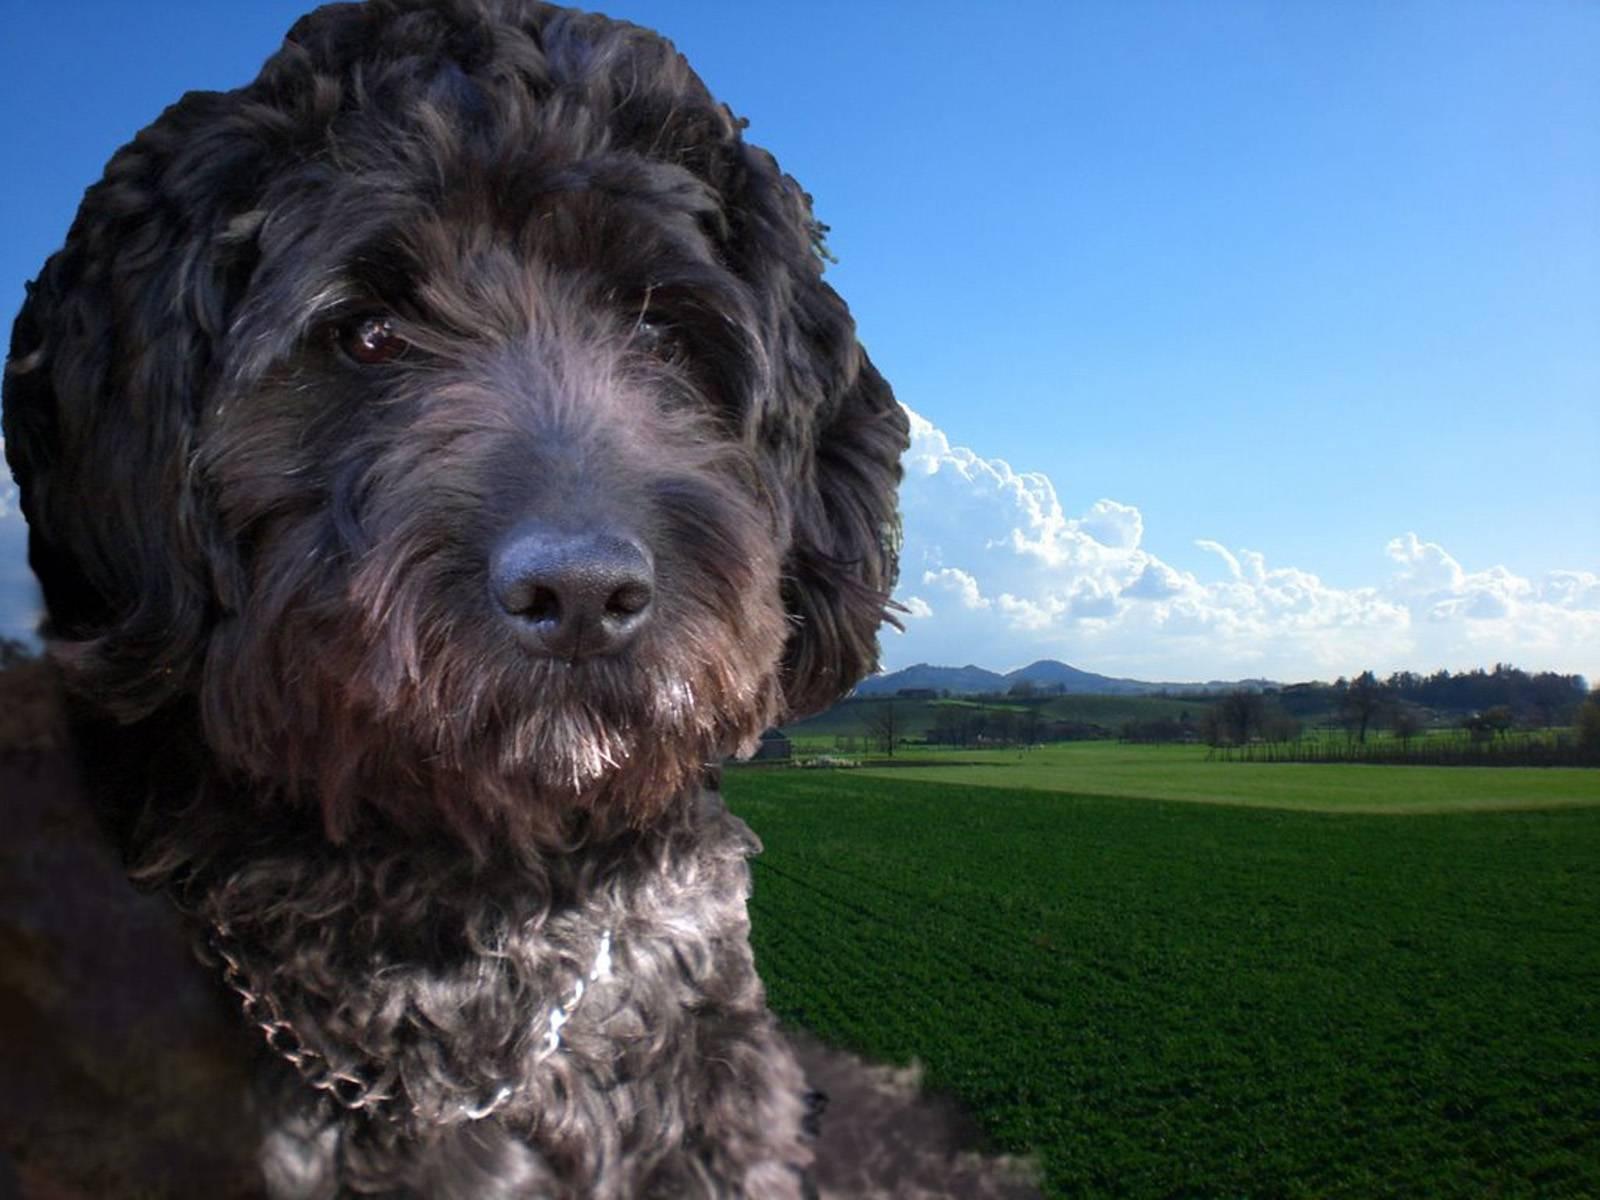 Барбет — описание породы, характеристика, уход, фото французских водяных собак и многое другое